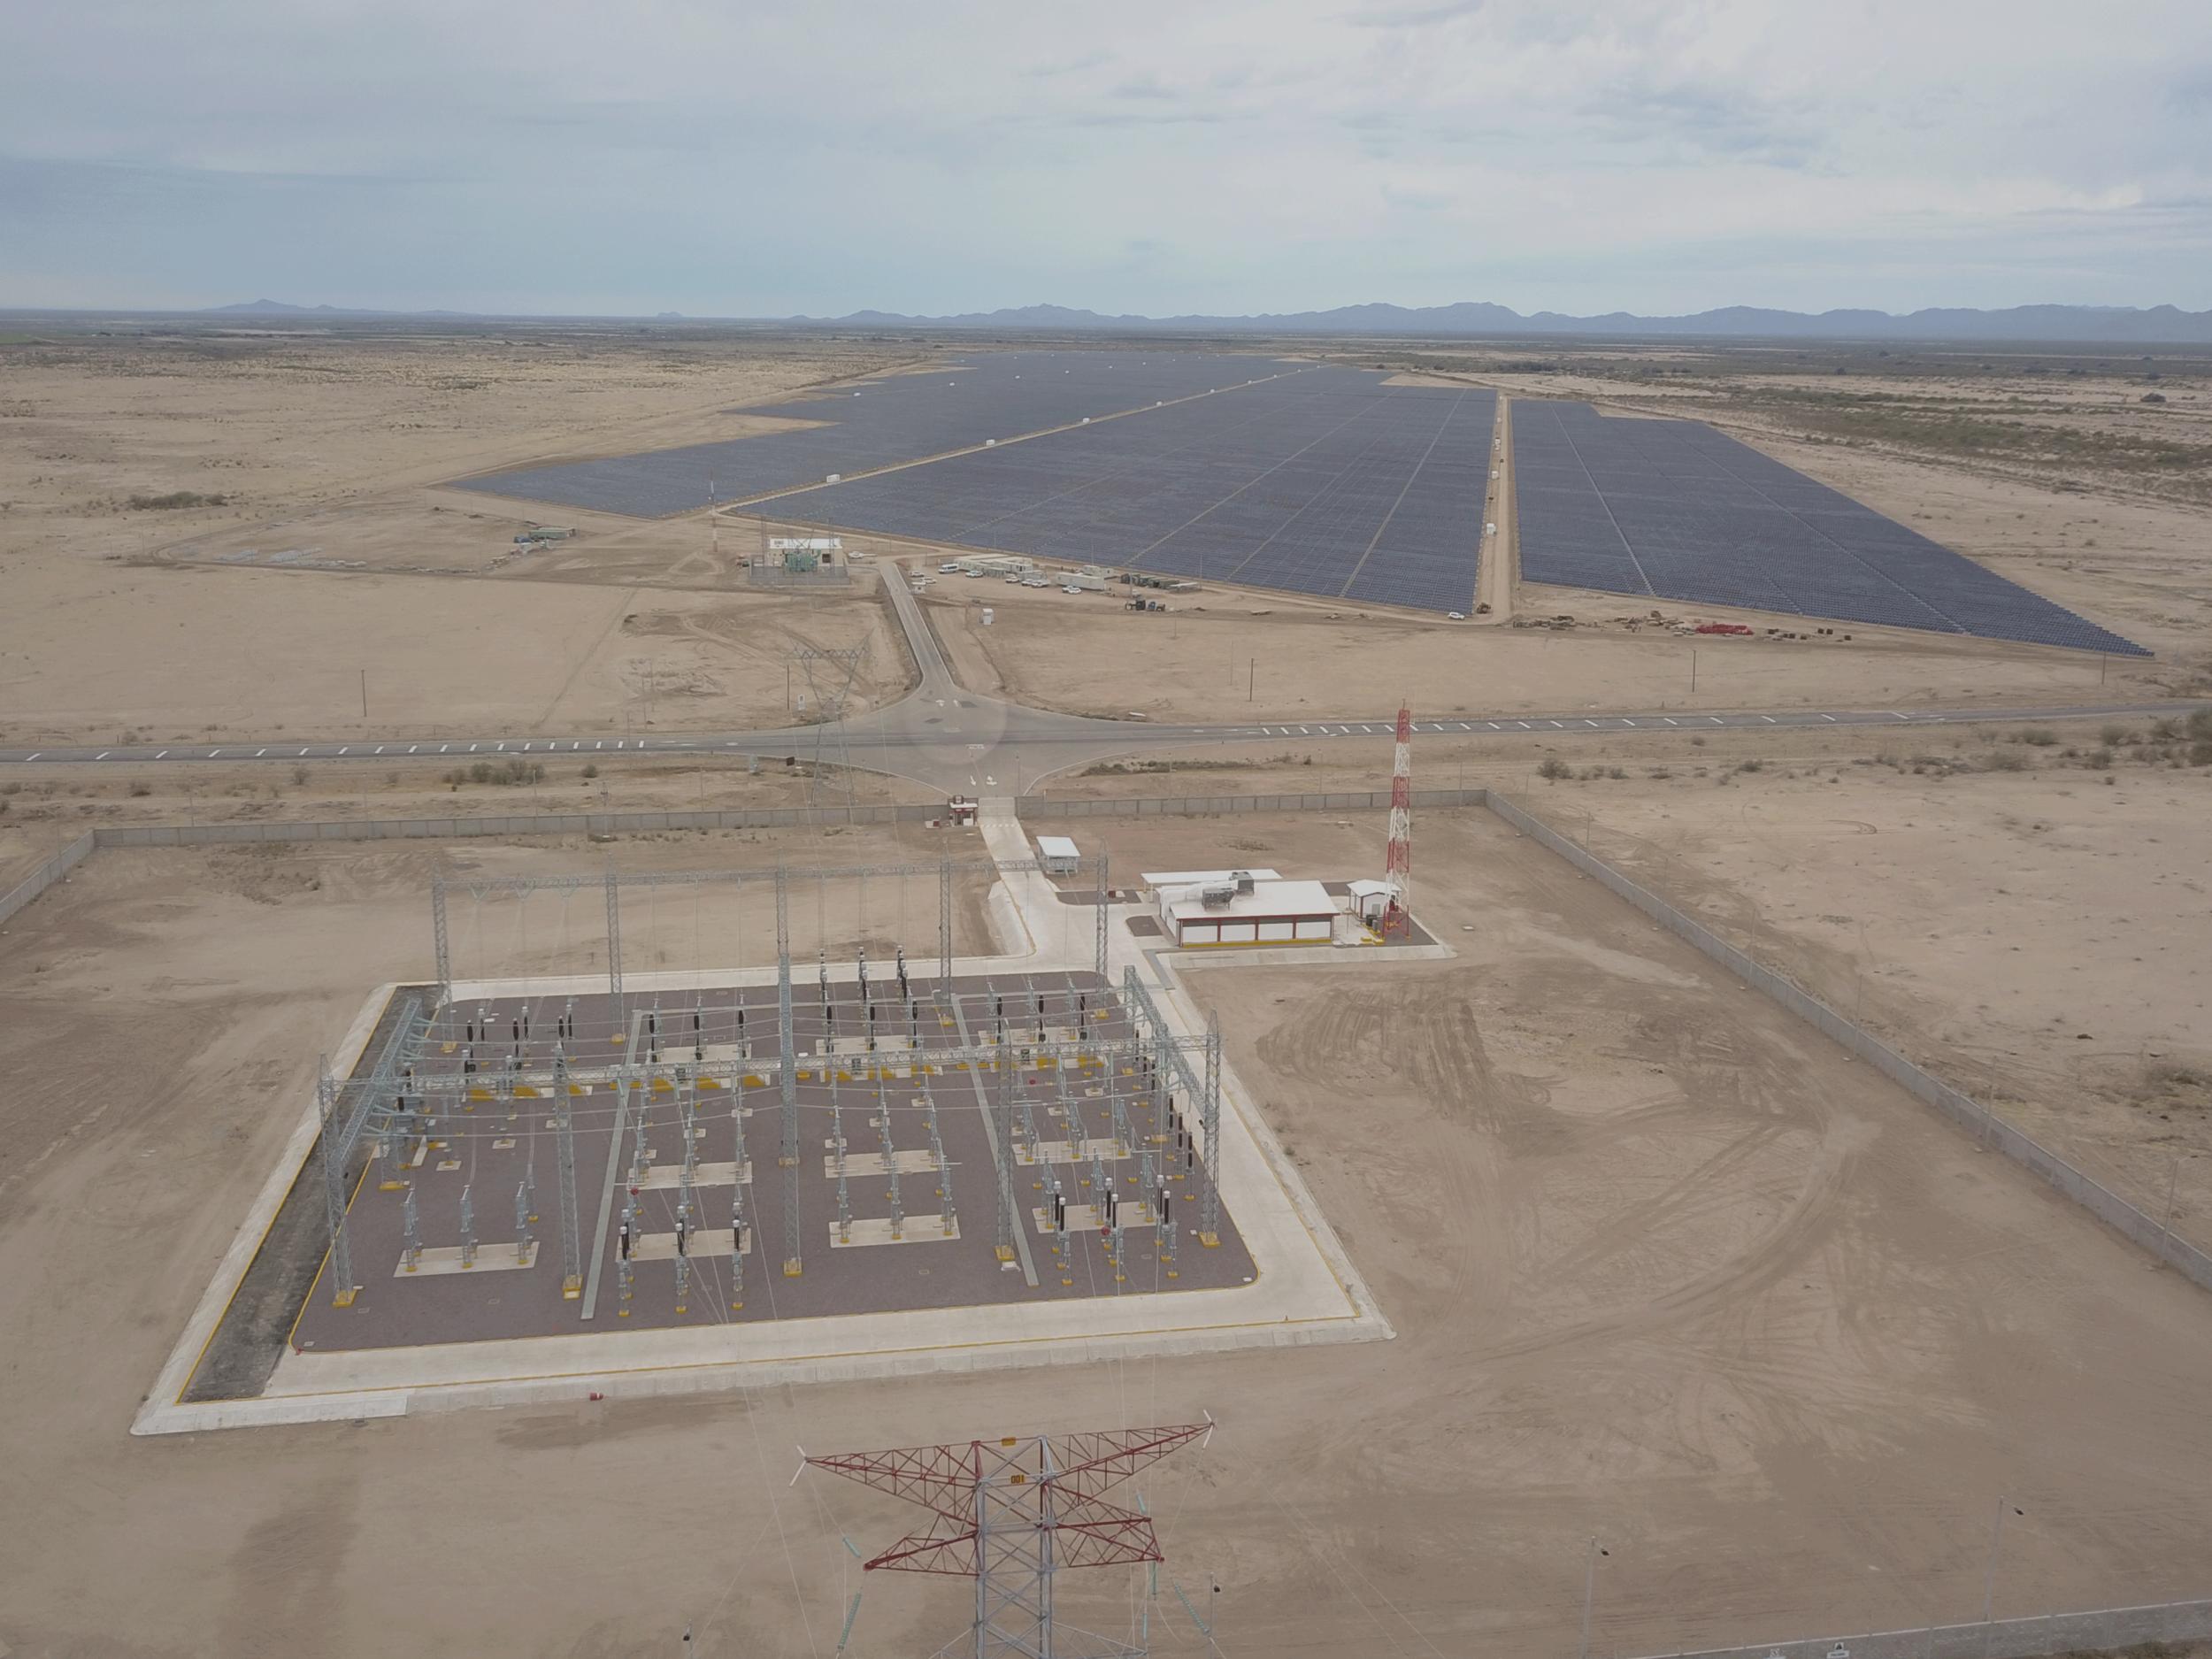 Zuma Energía inaugura parque solar en Sonora - Forbes MéxicoAgosto 2019